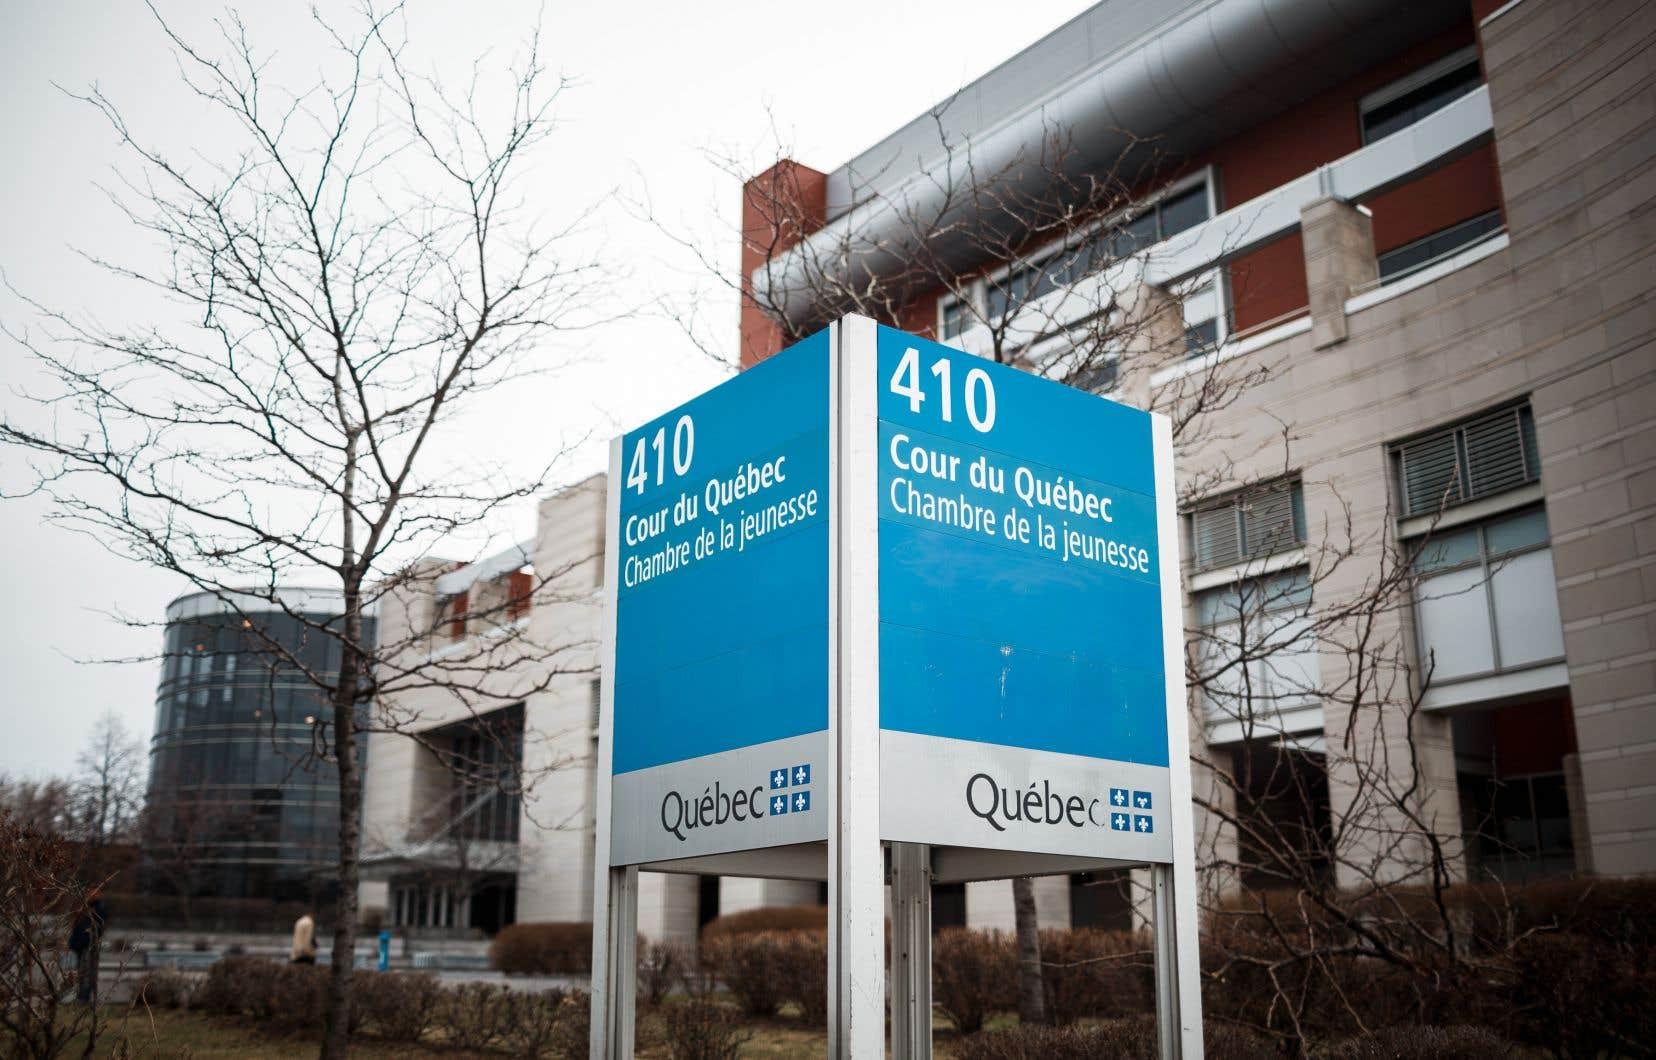 Trois adolescents, deux garçons et une fille âgés de 13 à 15ans, font face à de graves accusations en lien avec un viol collectif survenu à Montréal-Nord le mois dernier.